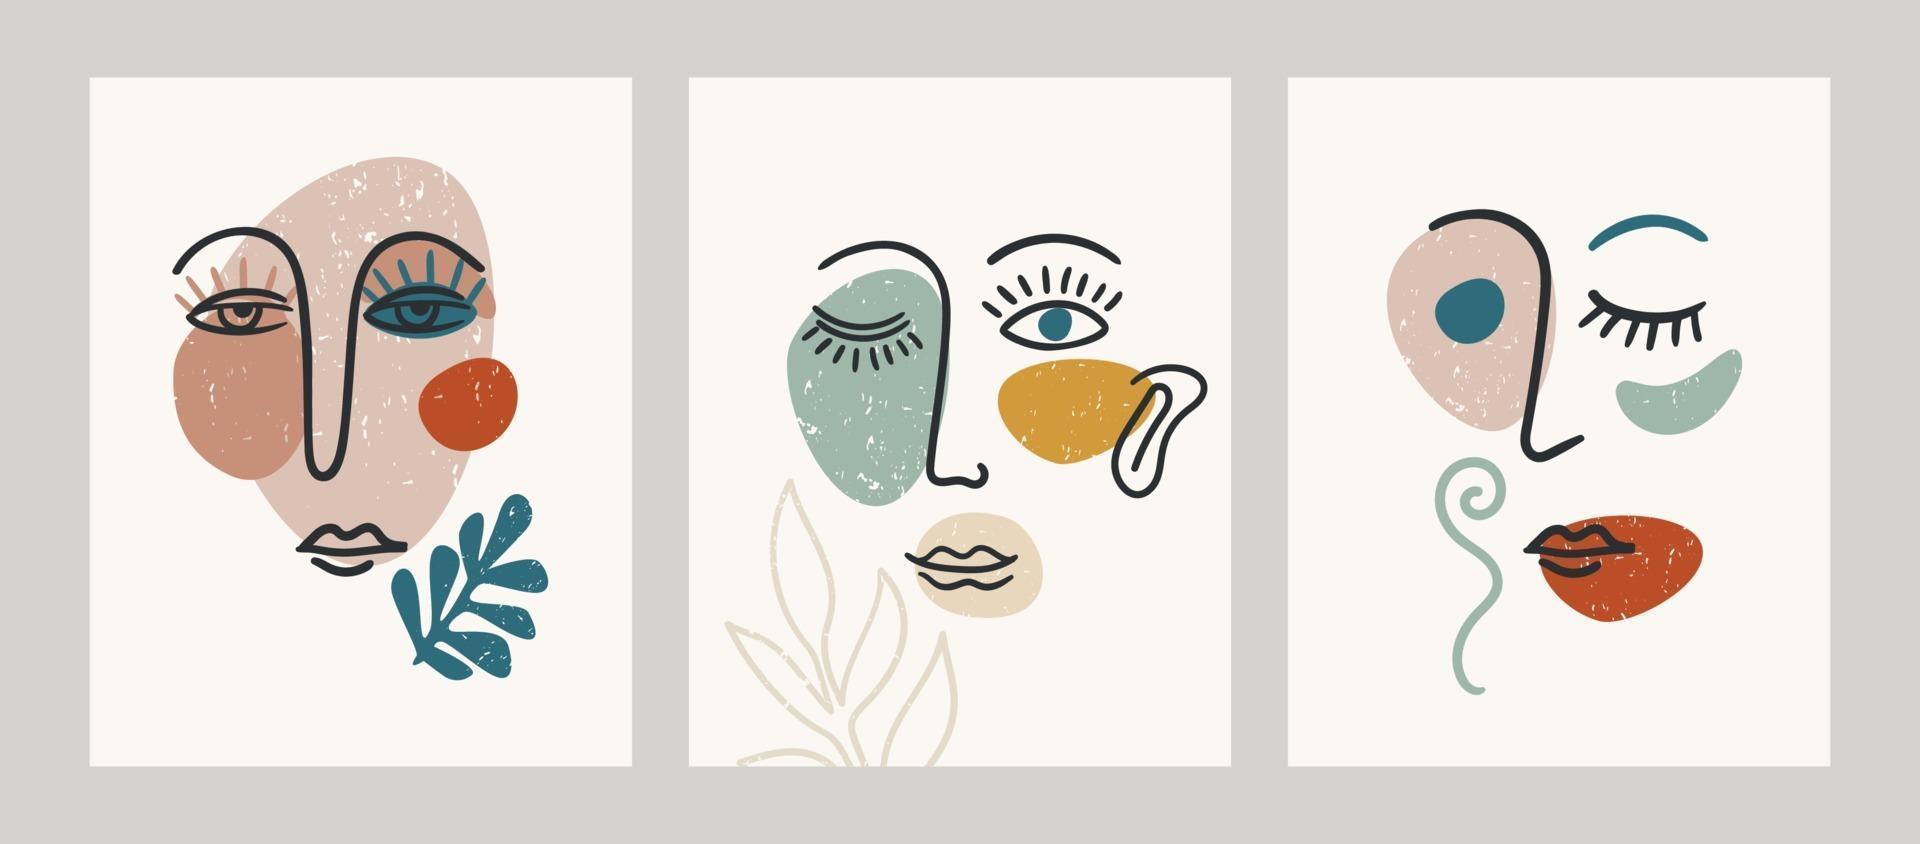 ritratto contemporaneo. illustrazioni vettoriali con trandy face painting.